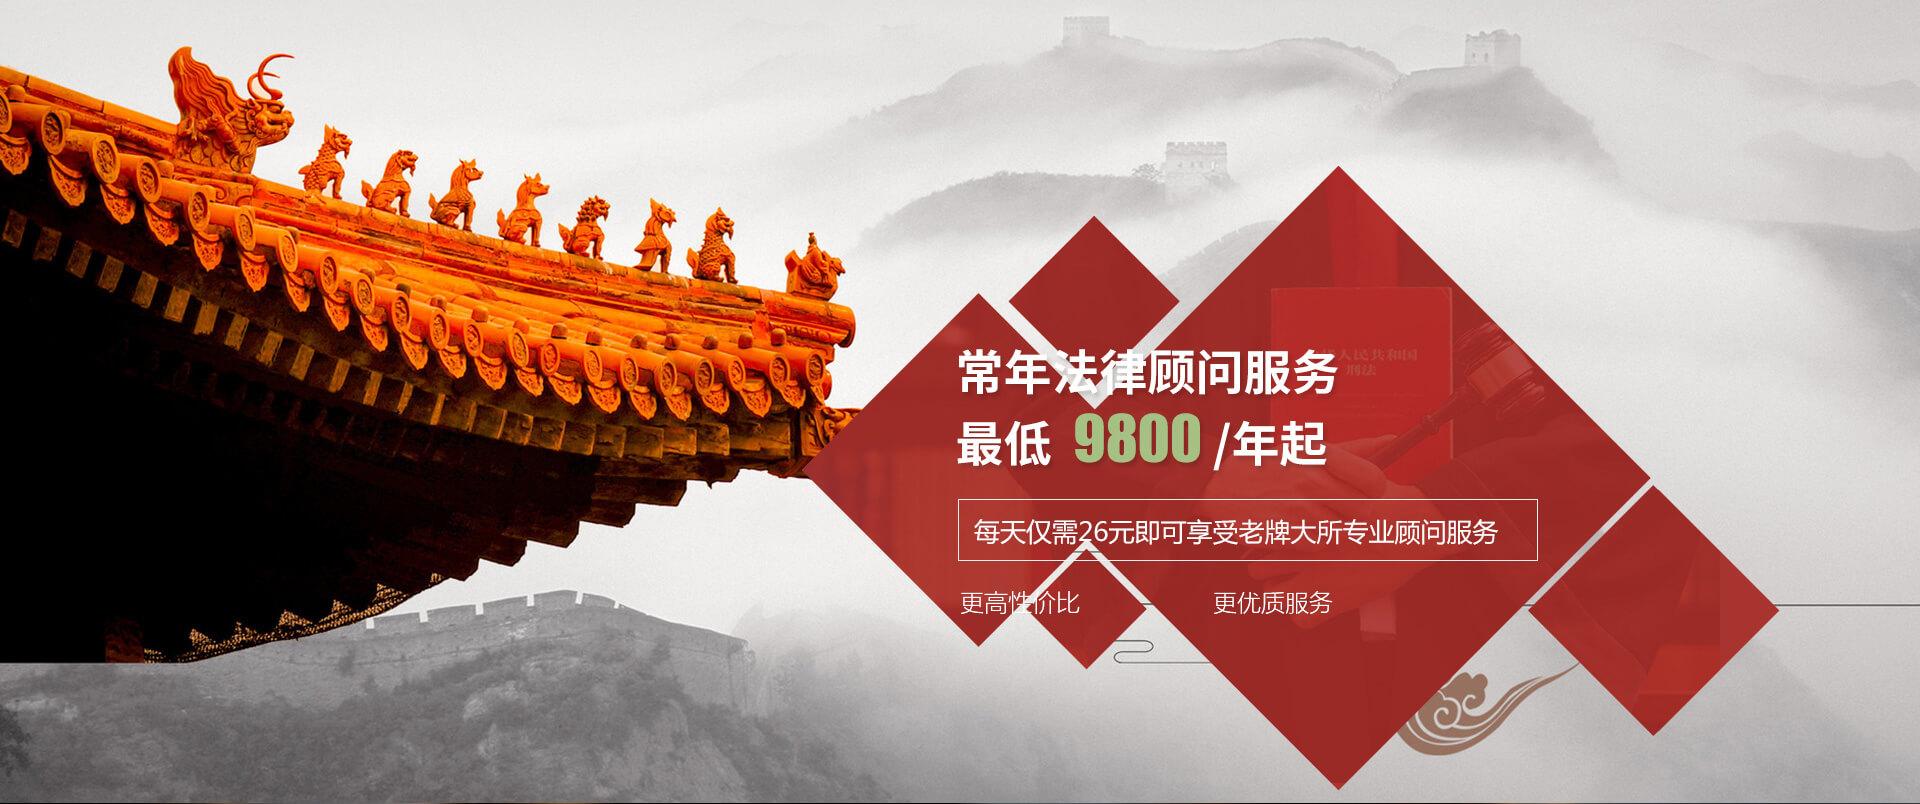 国晖(北京)律师事务所